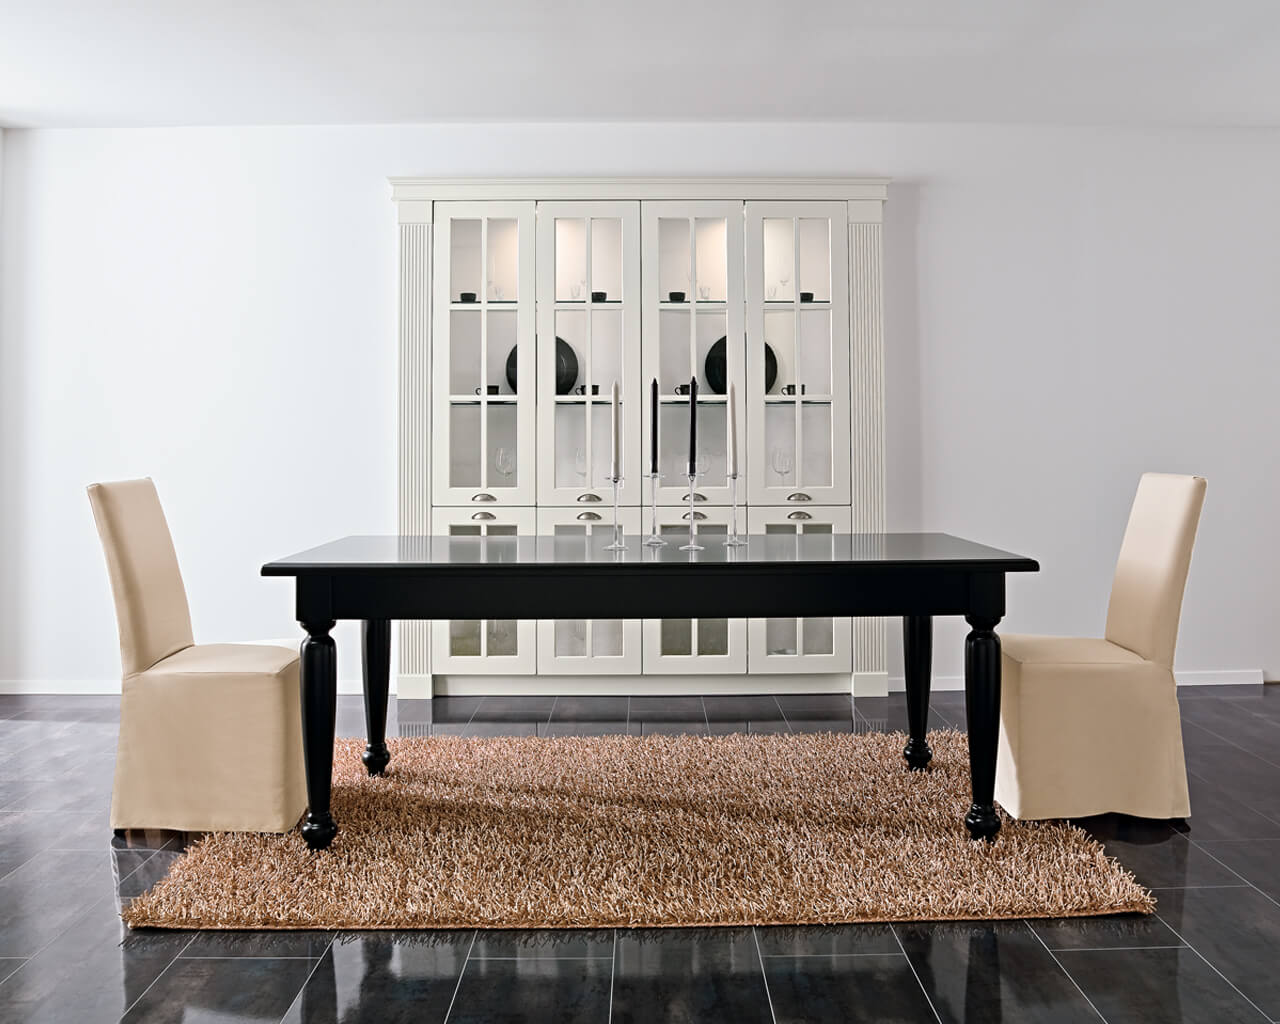 cucina-chiara-legno-bianca-003B